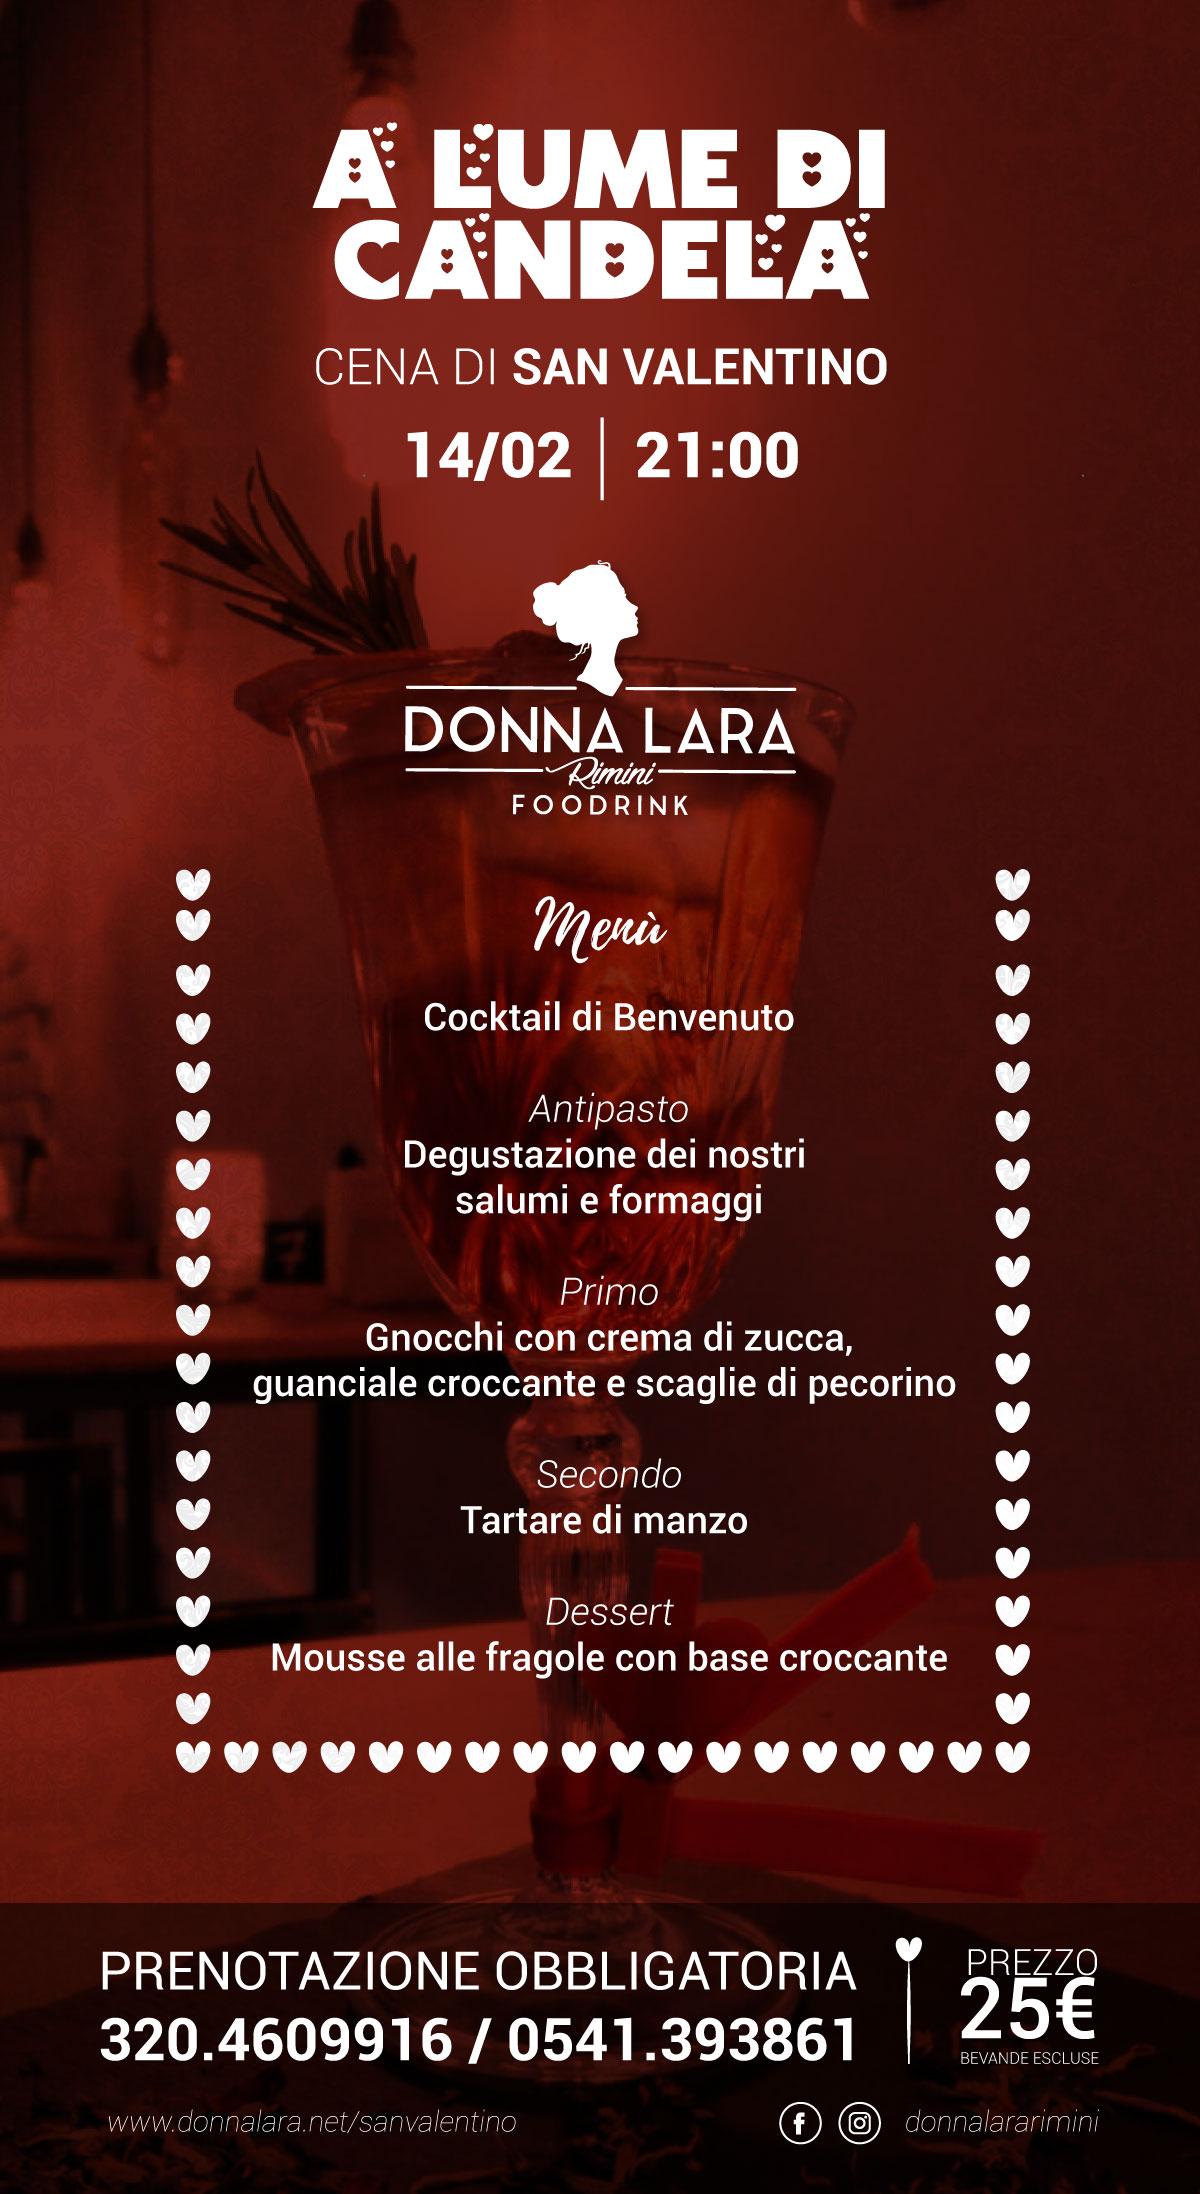 San Valentino Cena a Rimini